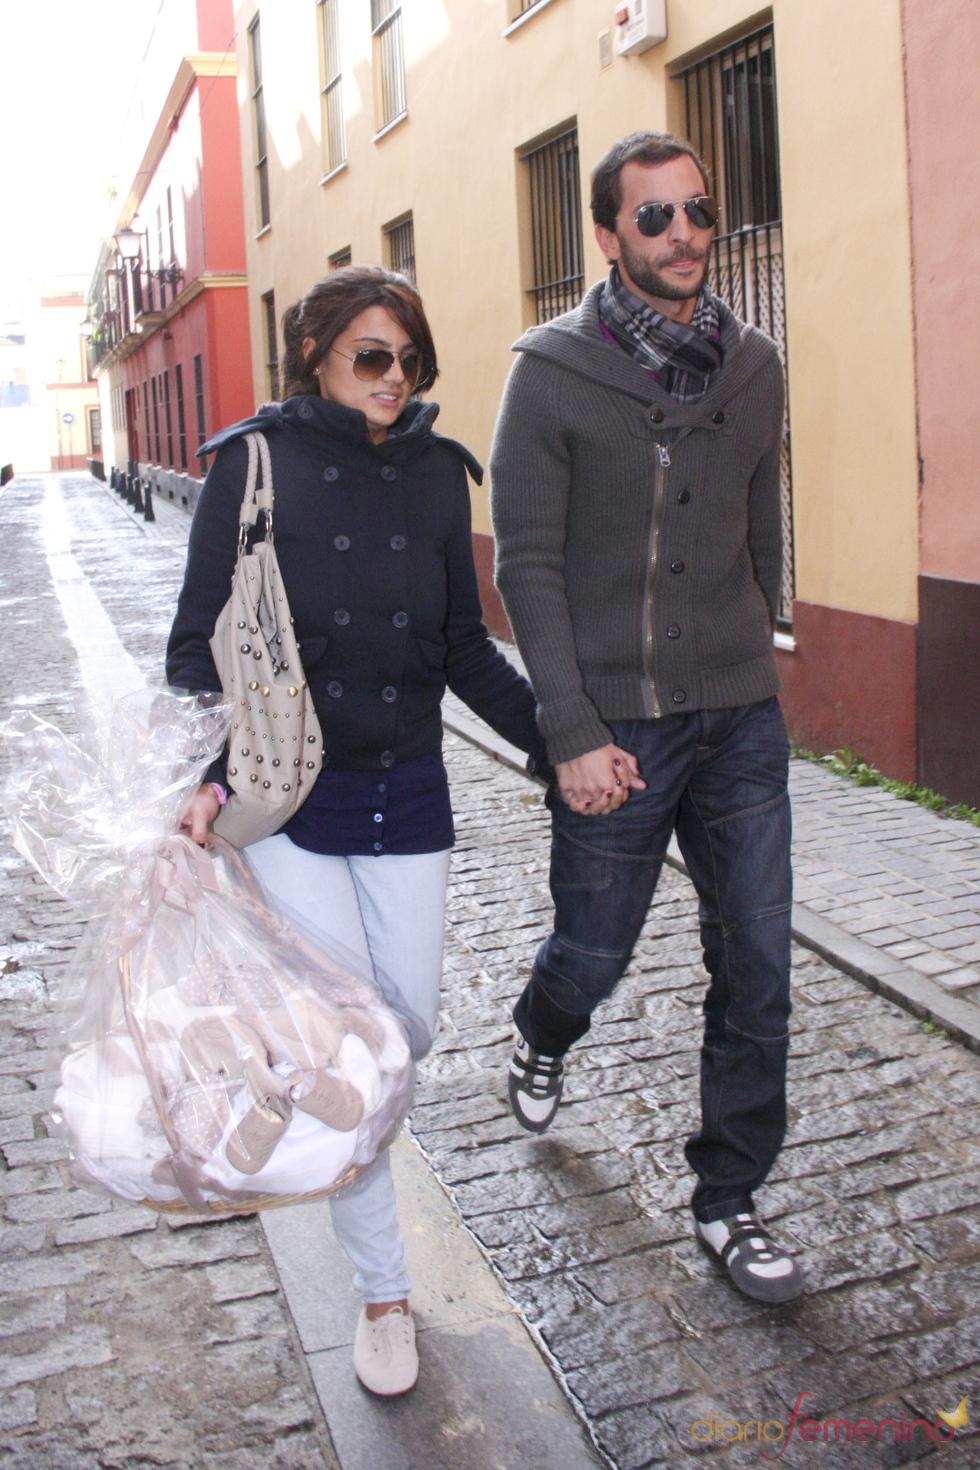 Antonio Tejado y Alba Muñoz paseando como una pareja feliz